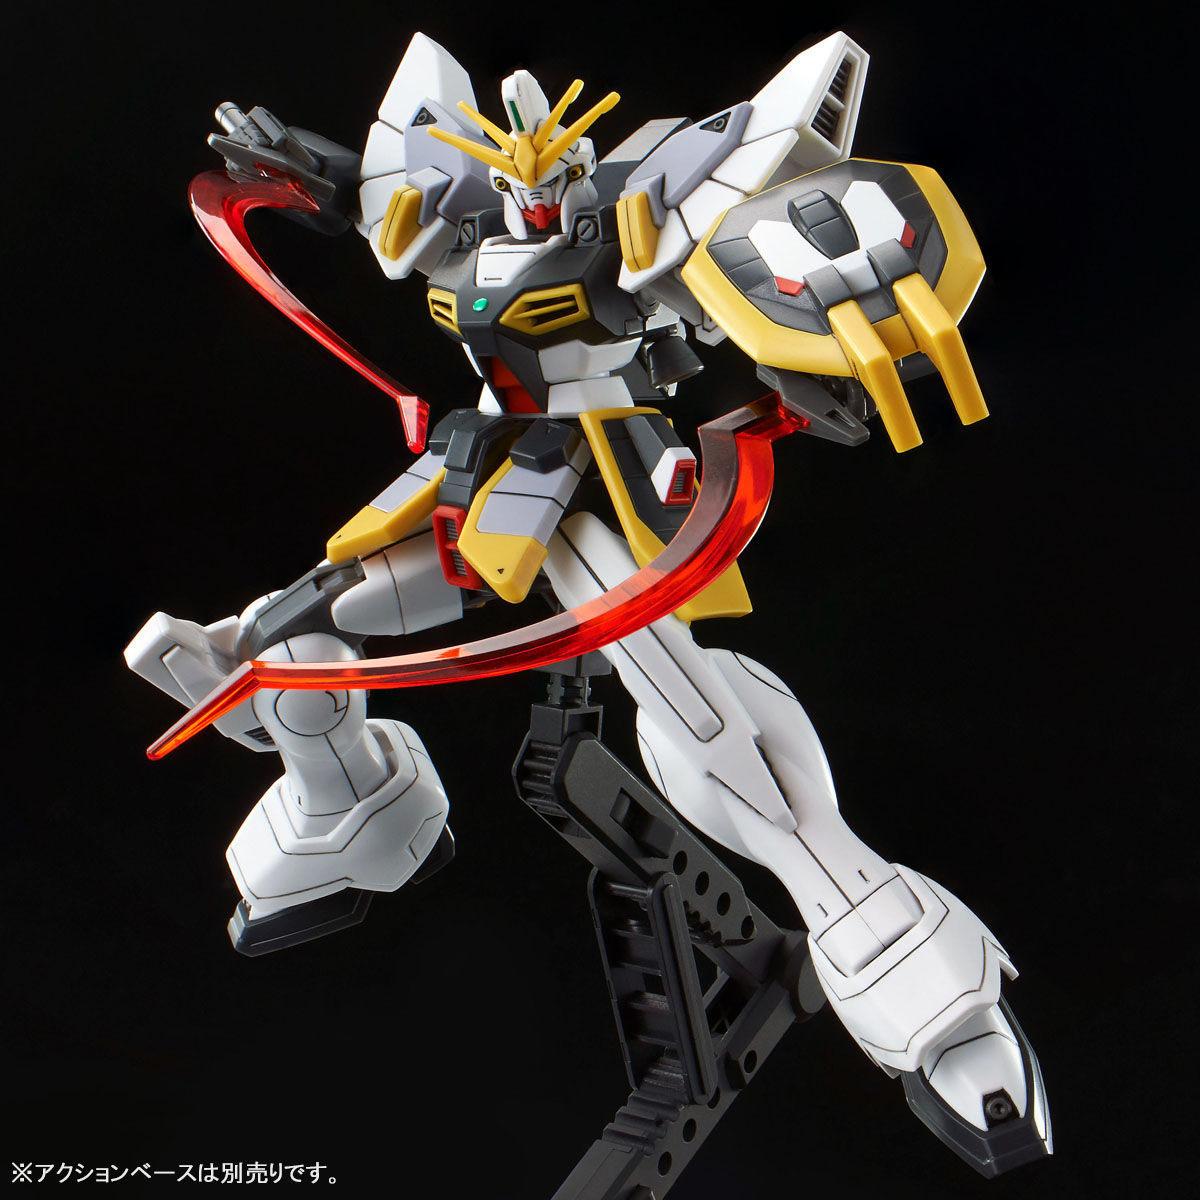 【限定販売】HG 1/144『ガンダムサンドロック改』新機動戦記ガンダムW プラモデル-005